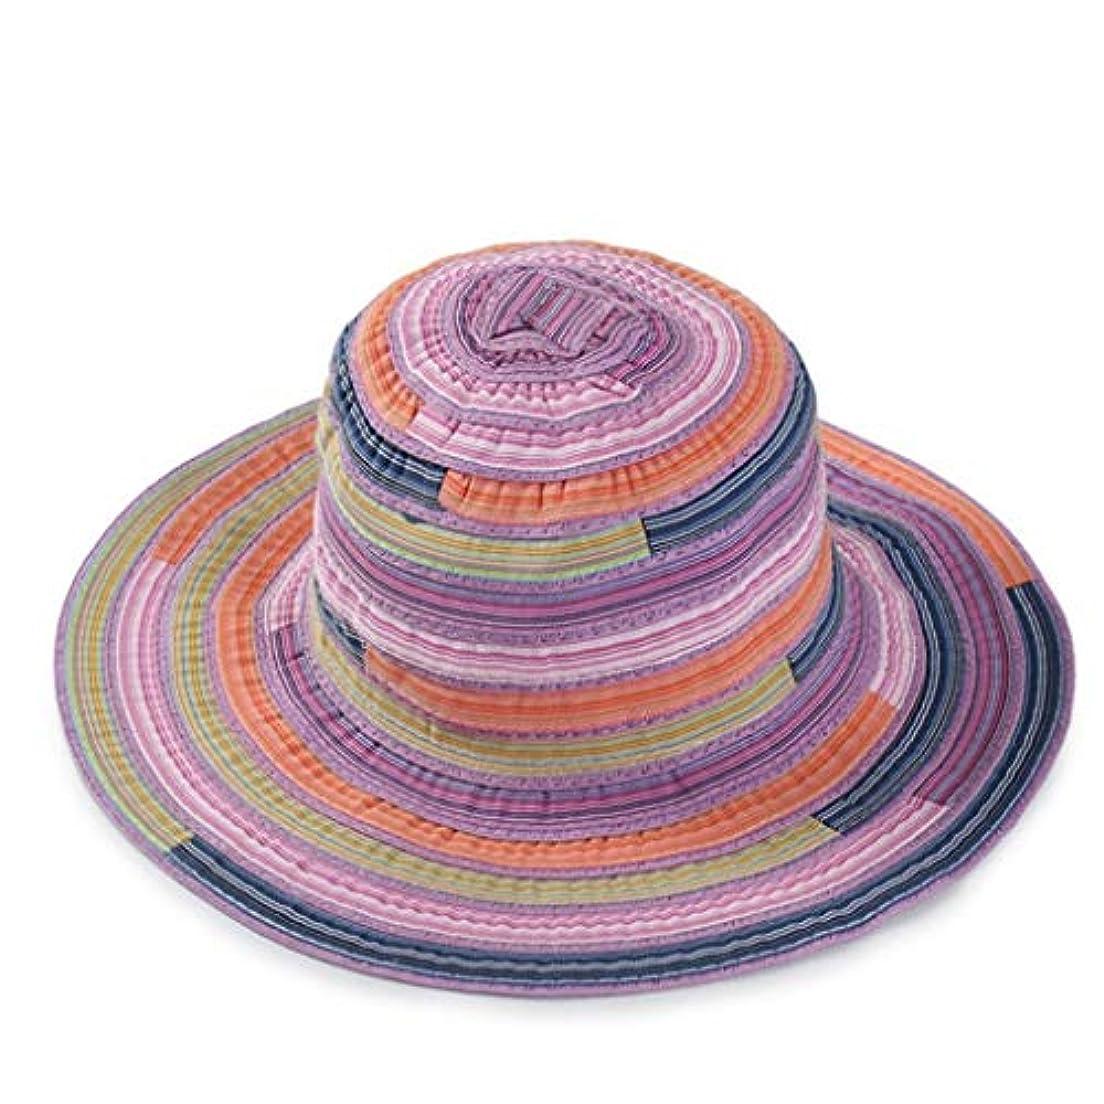 UVカット 帽子 レディース ハット 旅行用 日よけ 夏季 日焼け 折りたたみ 持ち運び つば広 リボン付き 調節テープ ストライプ 柄 キャップ 通気性抜群 日除け UVカット 紫外線対策 ROSE ROMAN